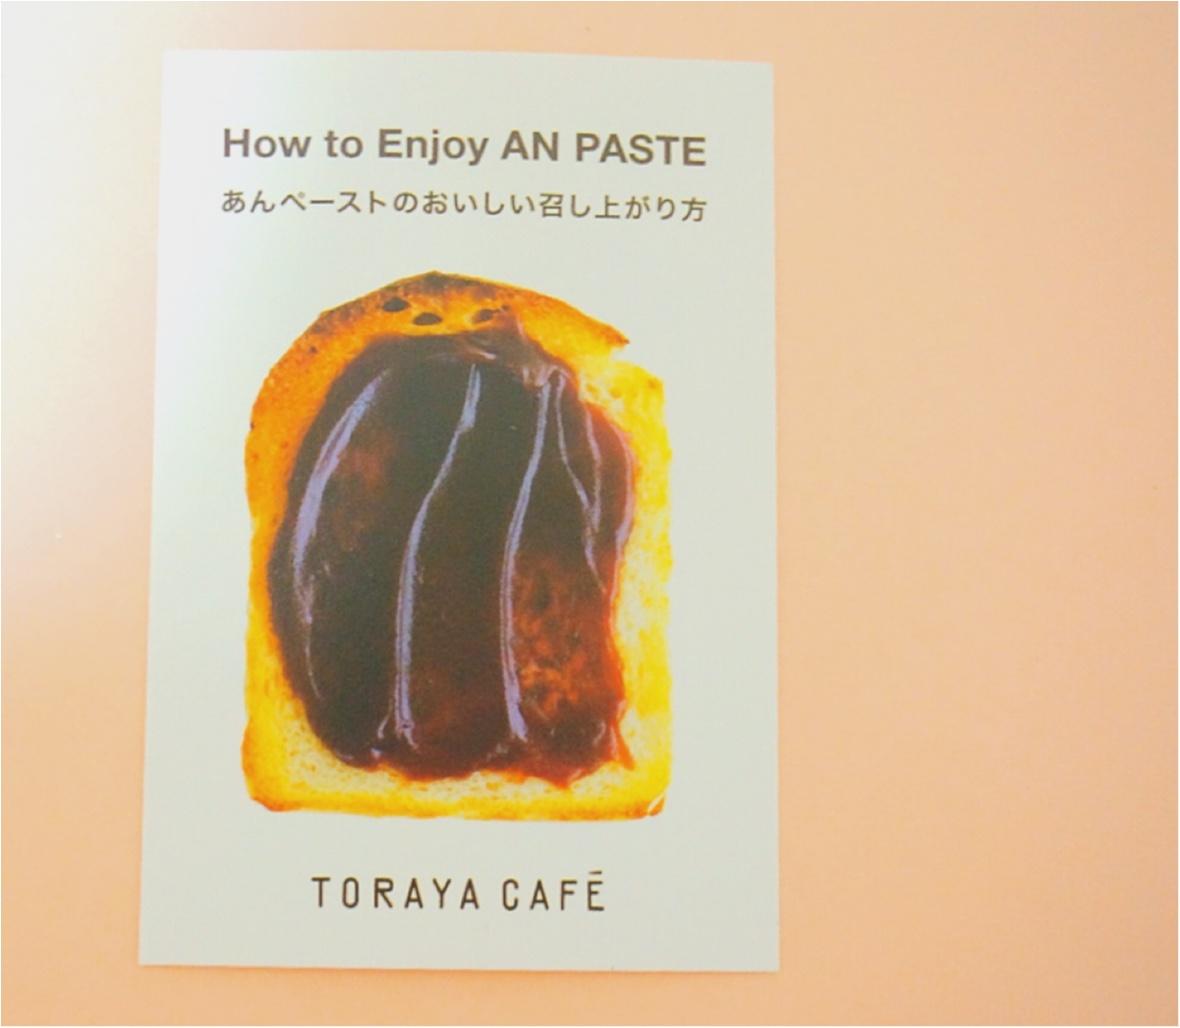 年末年始の手土産にも❤️️【TORAYA CAFE】でしか買えない《新感覚ジャム》がおいしすぎるっ_5